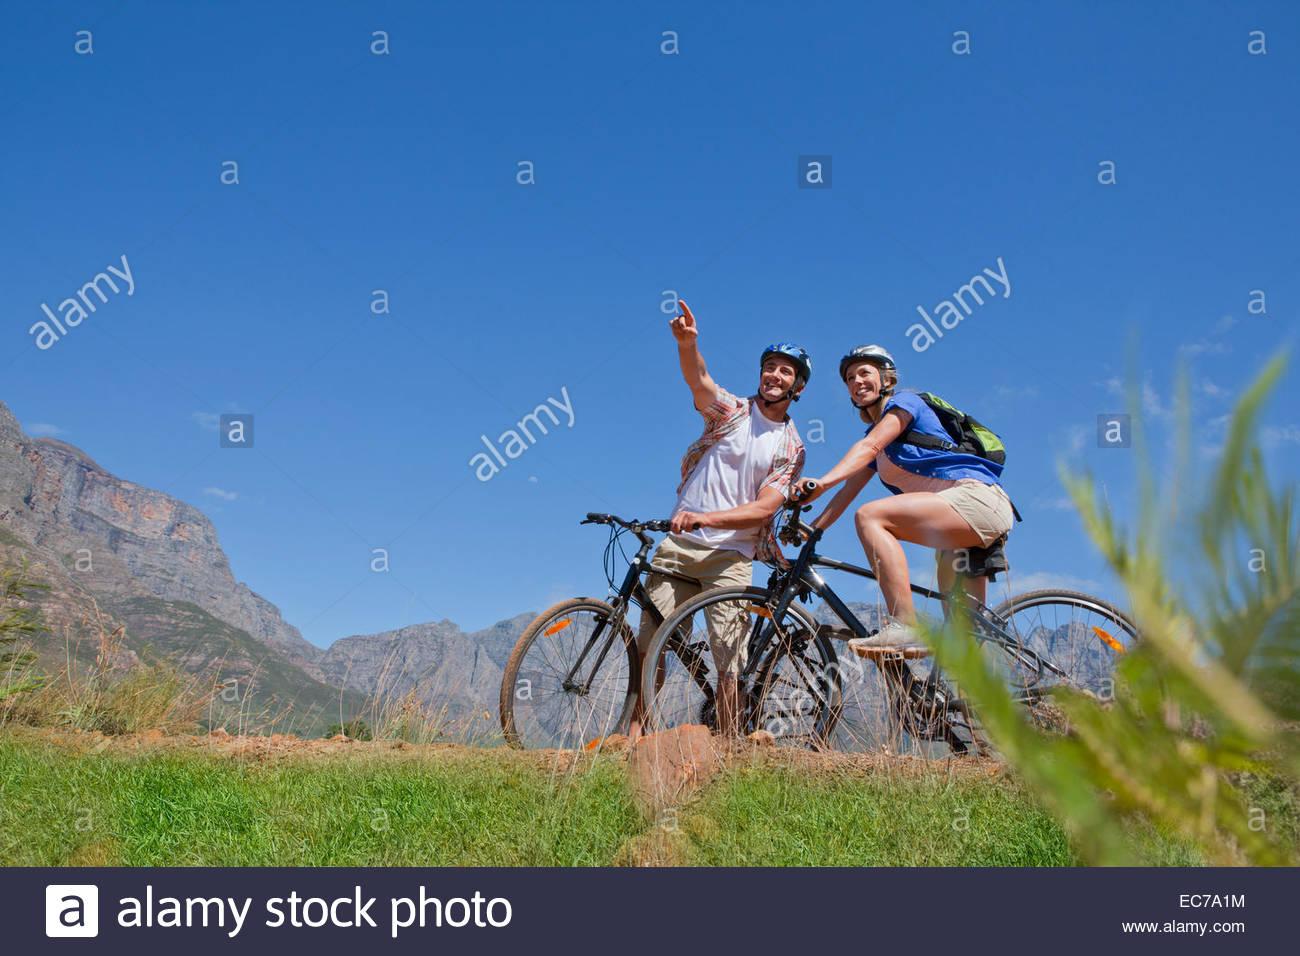 Matura in mountain bike in campagna Immagini Stock